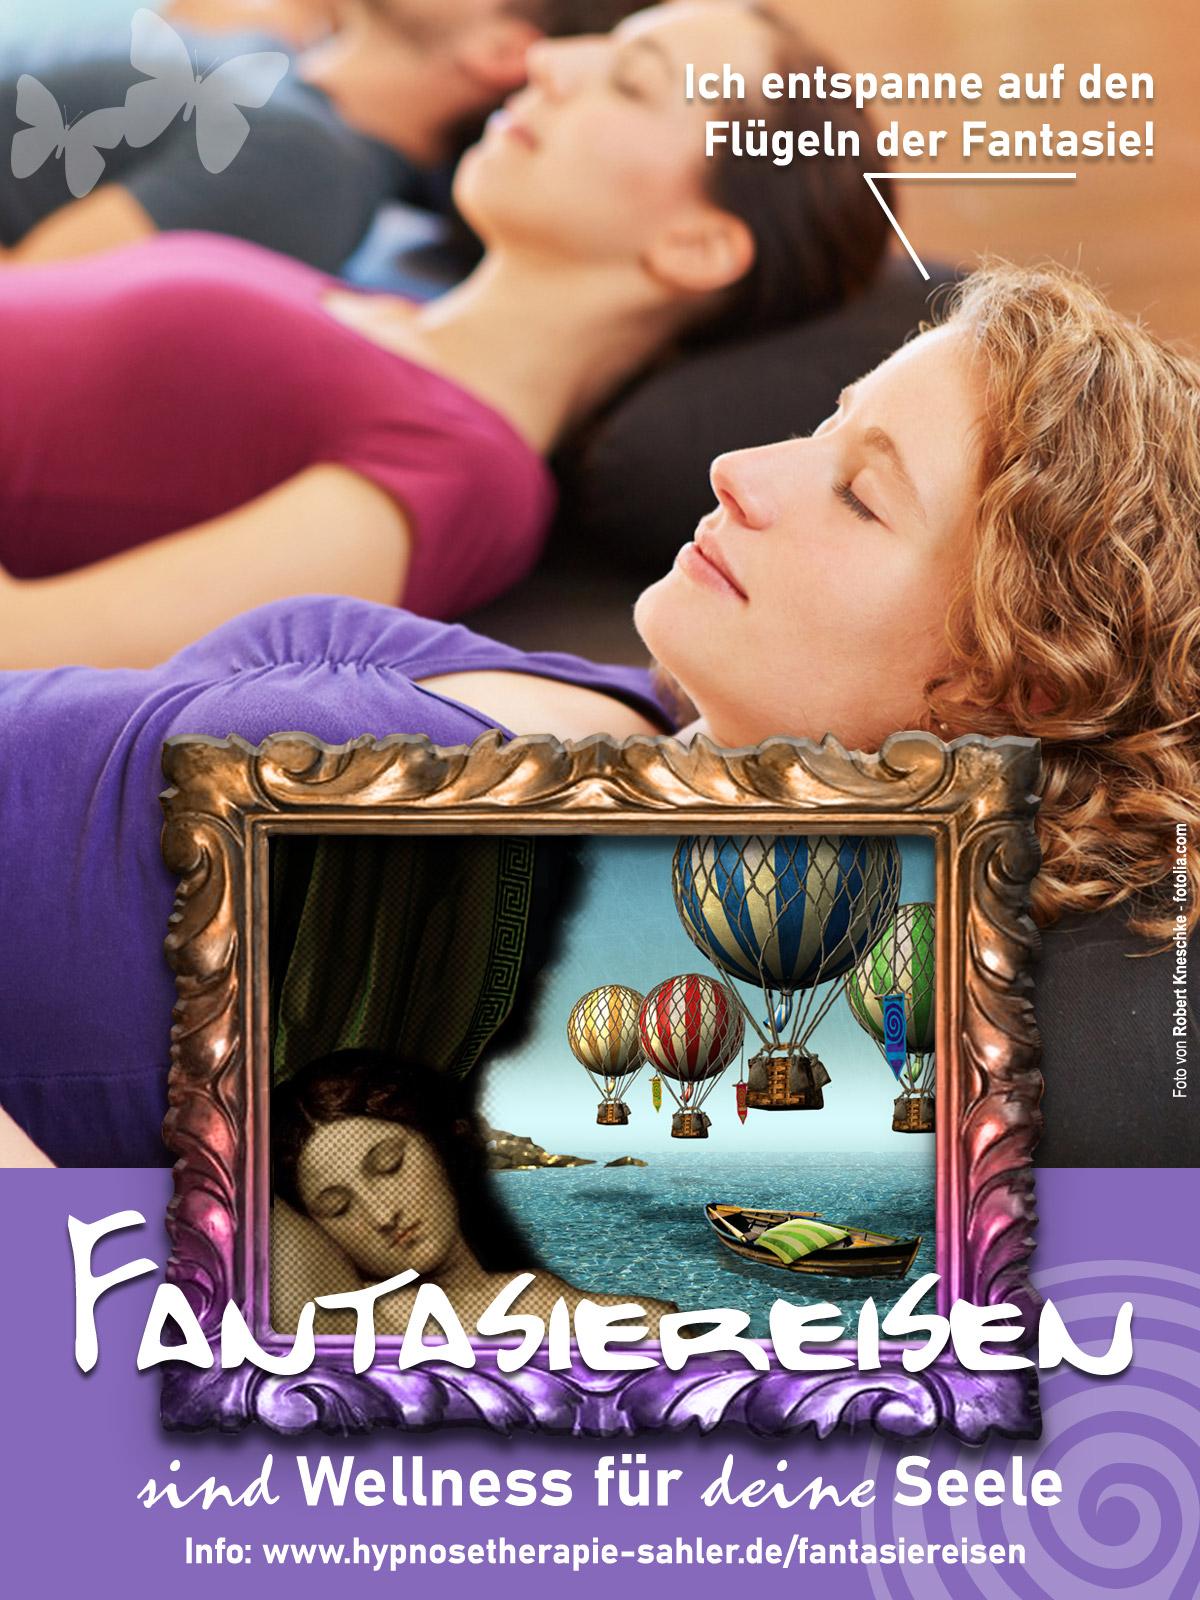 Fantasiereisen - Wellness für deine Seele